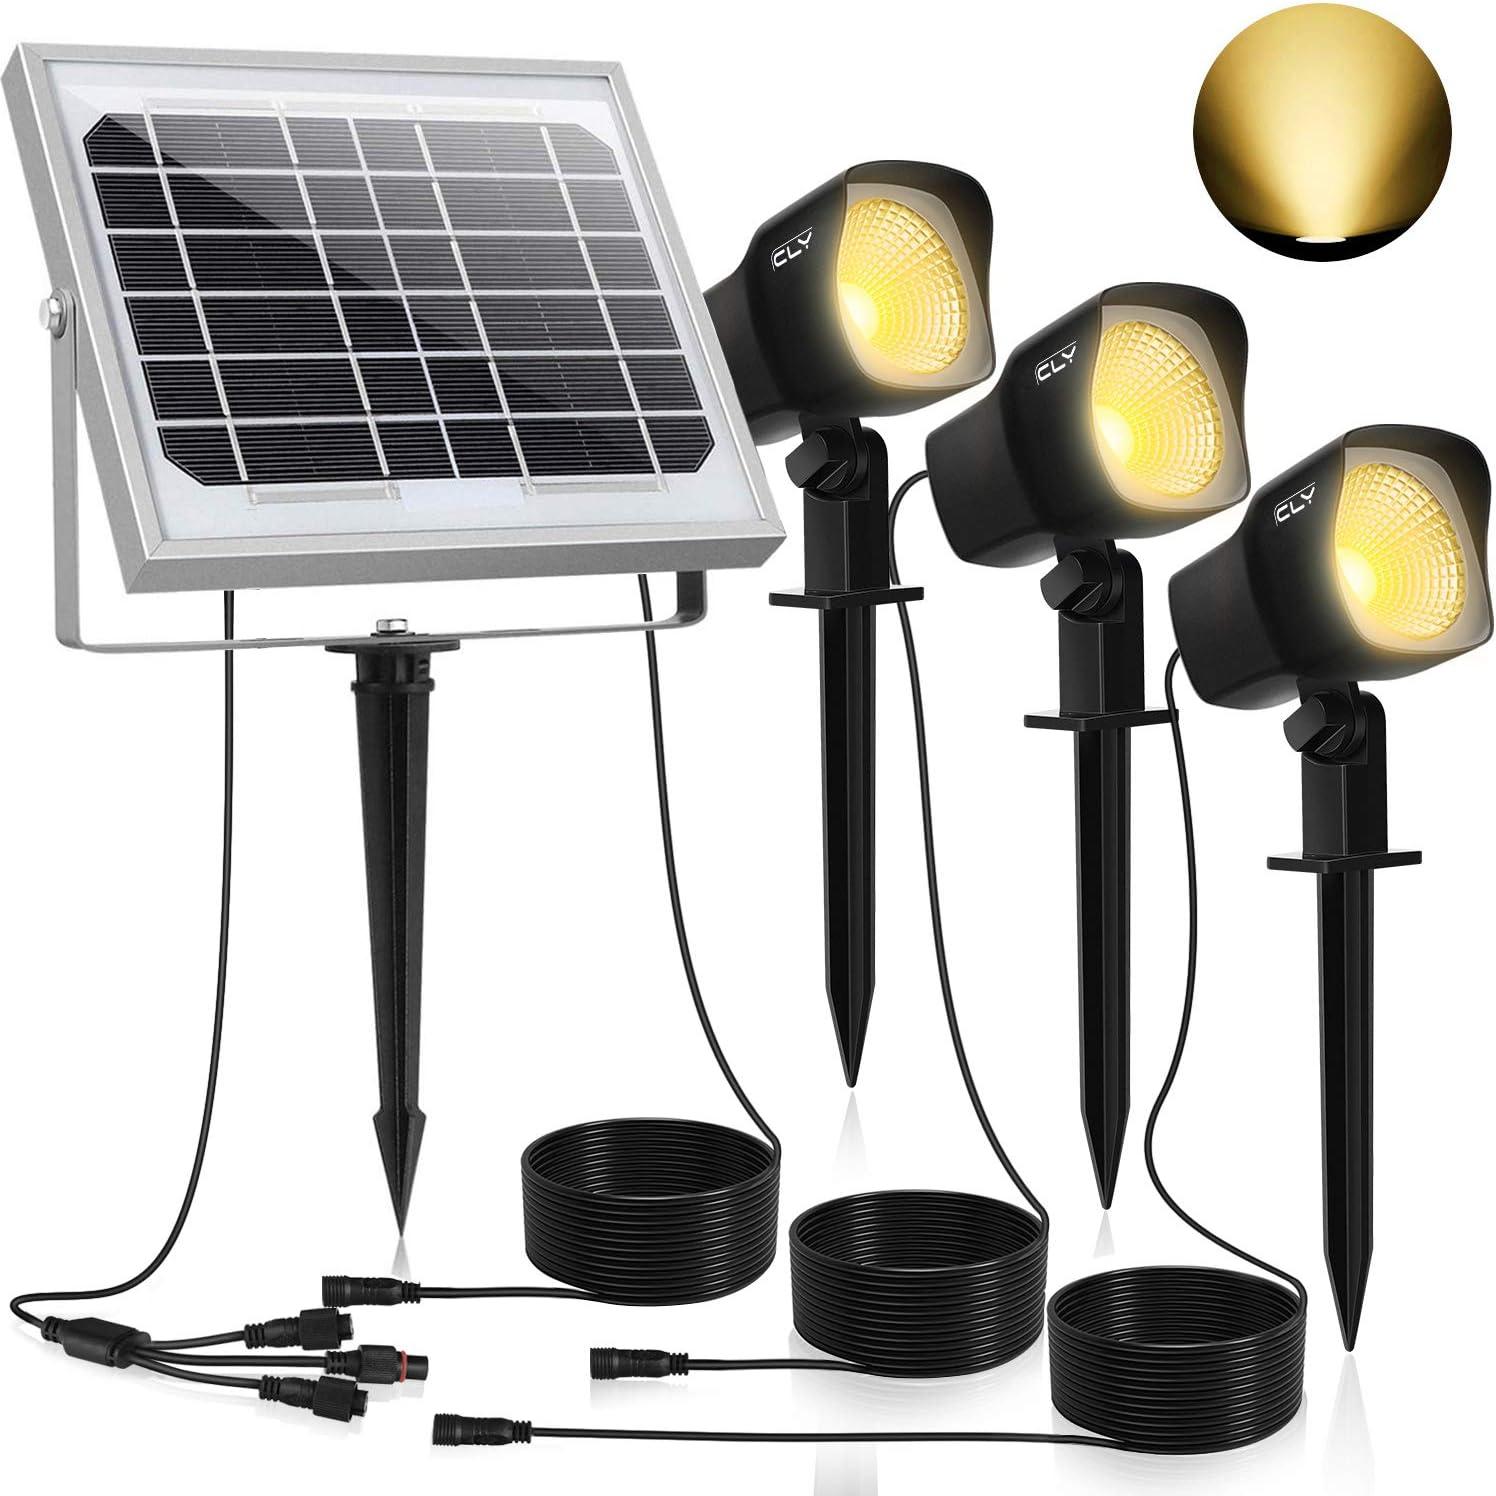 Solar Proyector LED CLY,Iluminación Blanco Cálido,Impermeable IP66 Foco Solar Exterior con Tres Bombilla para Jardín,Césped,Patio,Camino,Corredor ect.